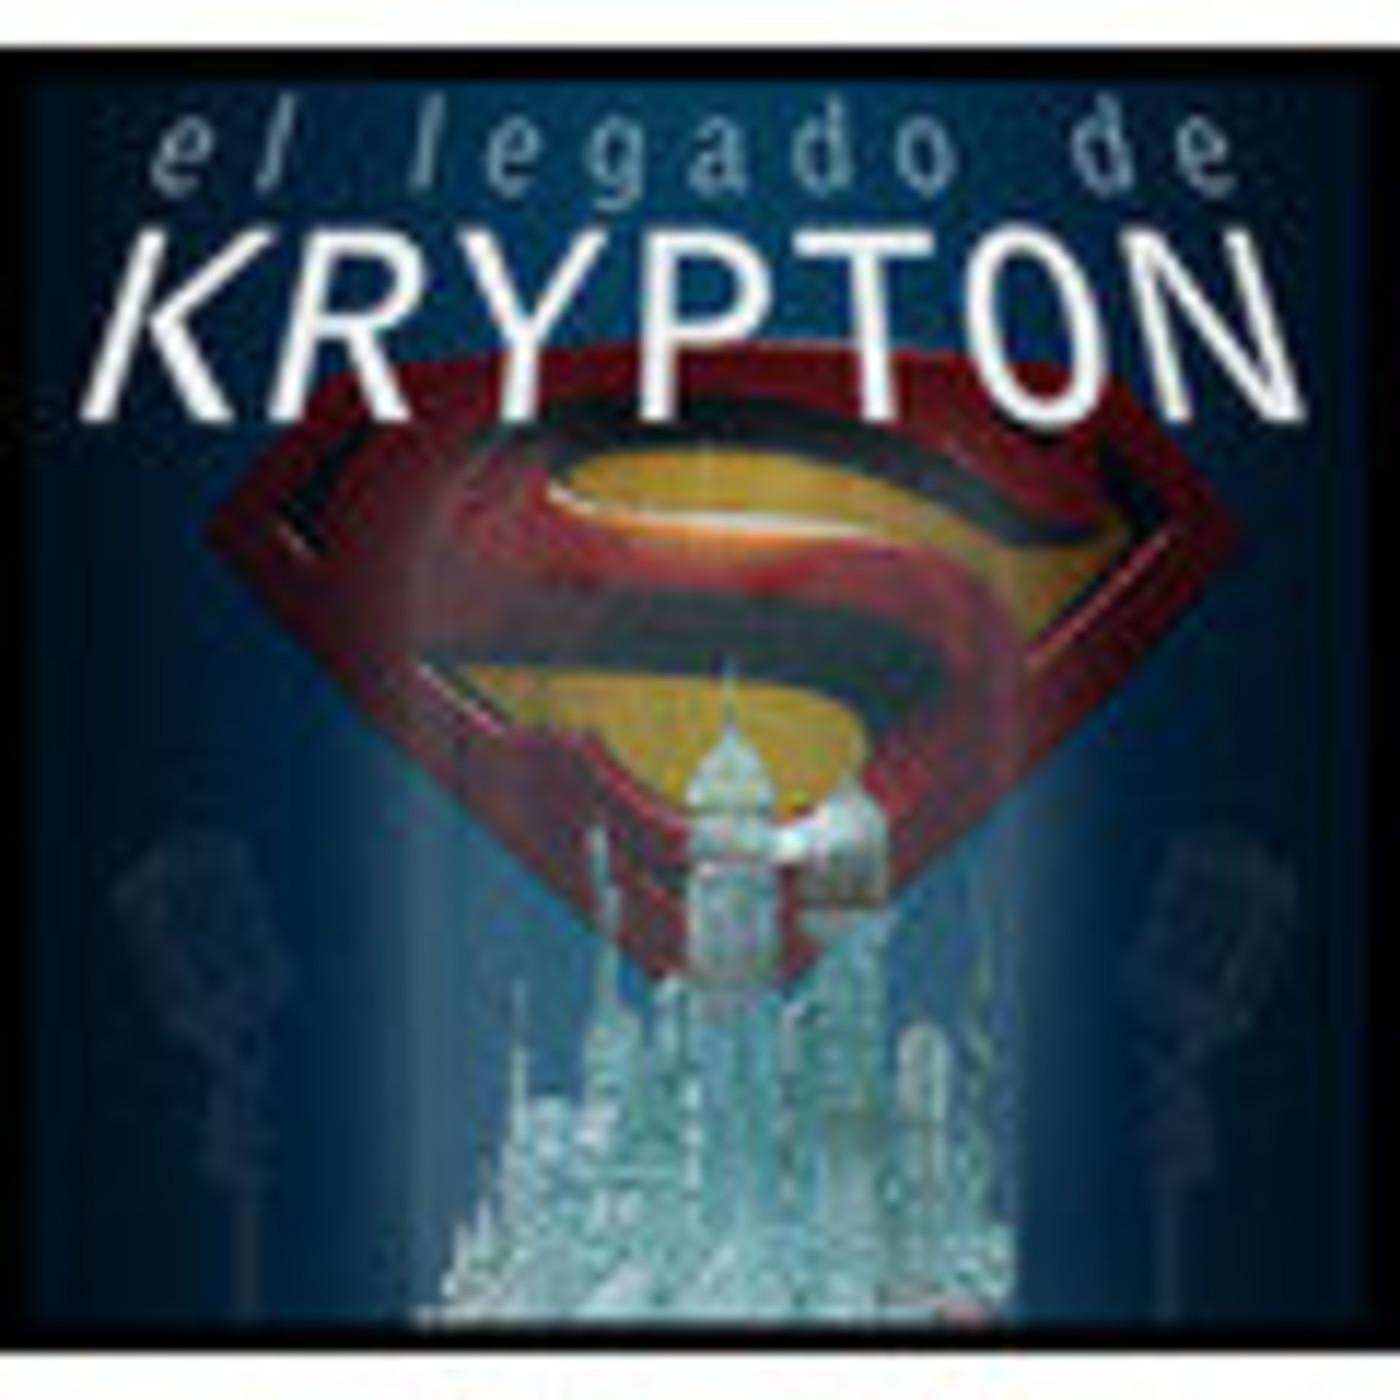 El legado de krypton